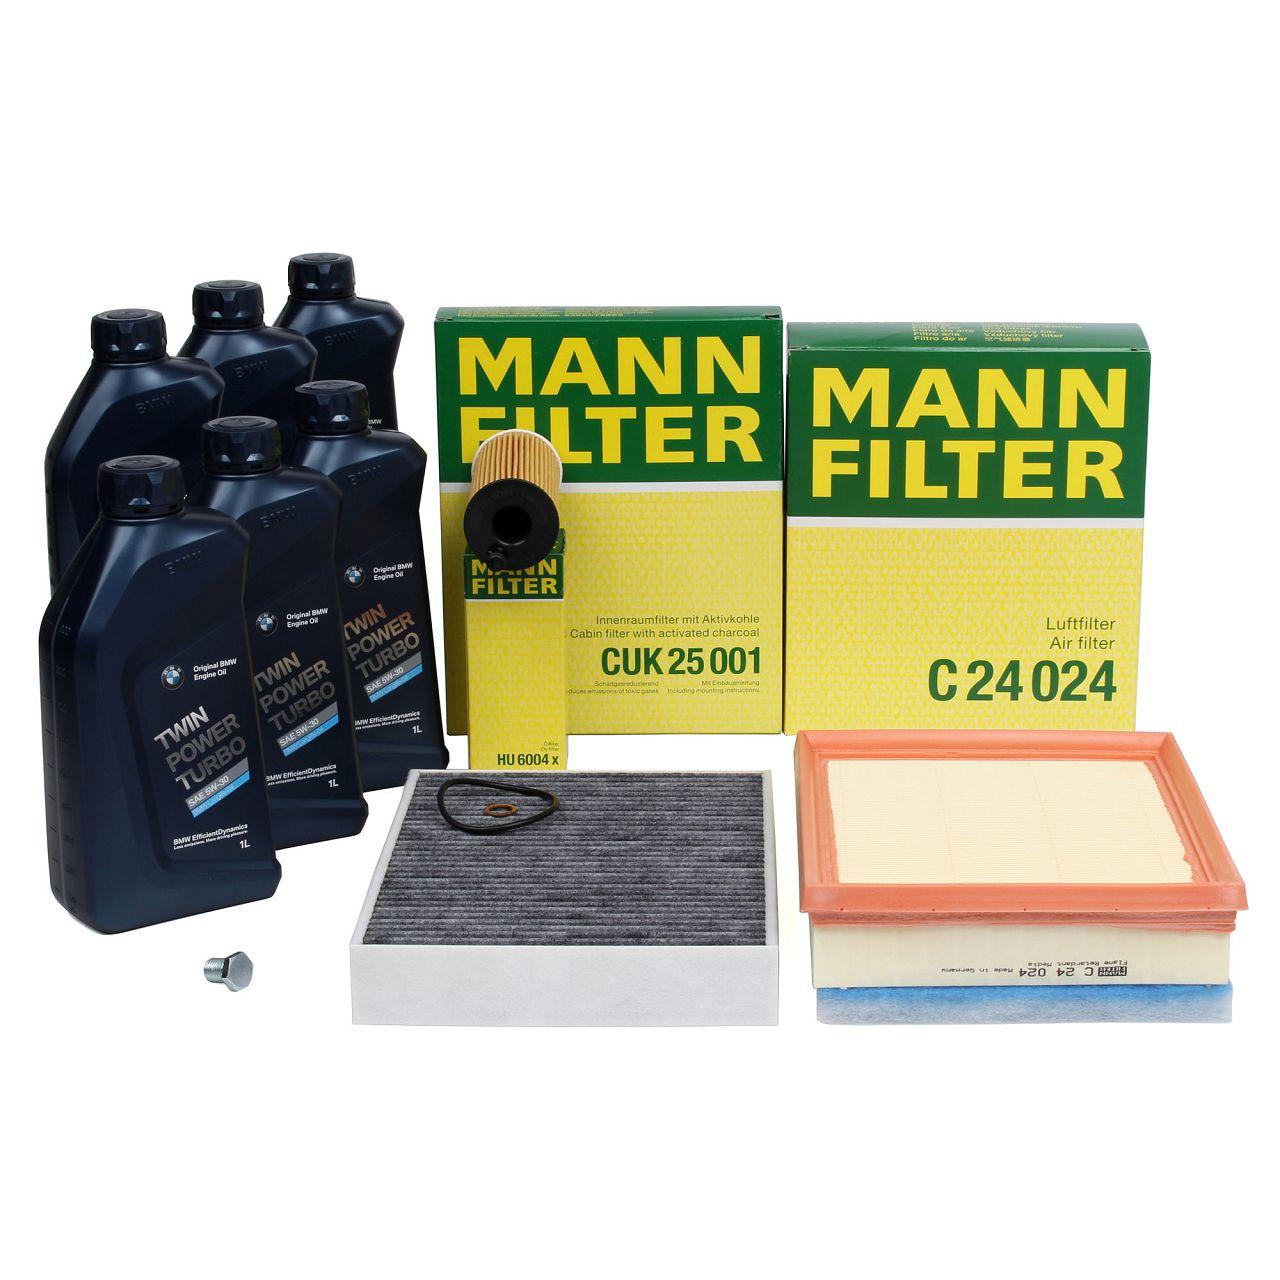 MANN Filterset + 6 L ORIGINAL BMW 5W30 Motoröl F20 116-125d F30-34 316-325d F33 418-420d